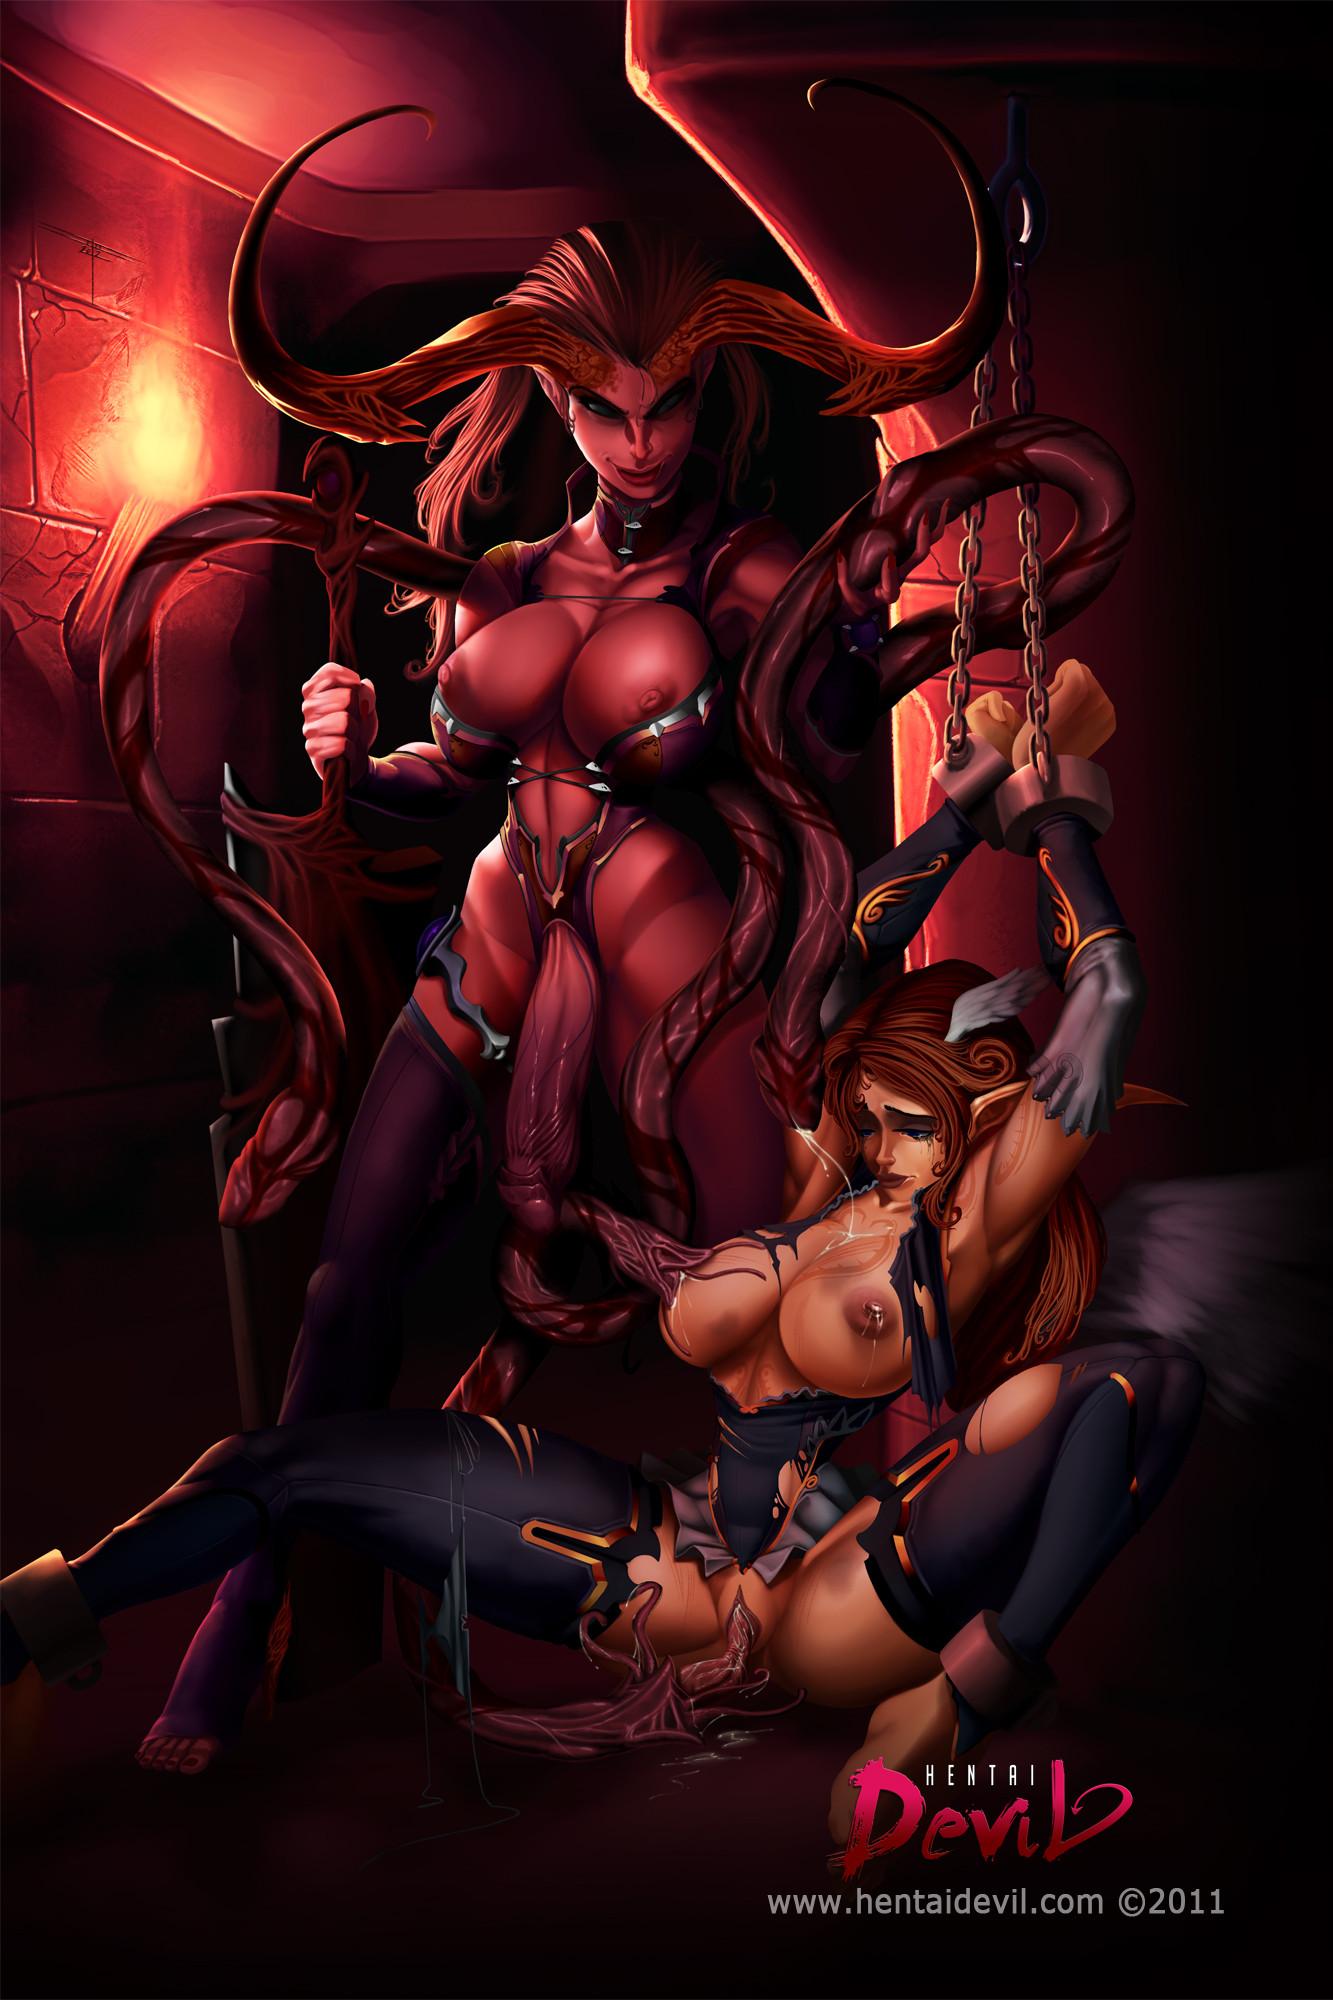 Demonic porn pix nude clip